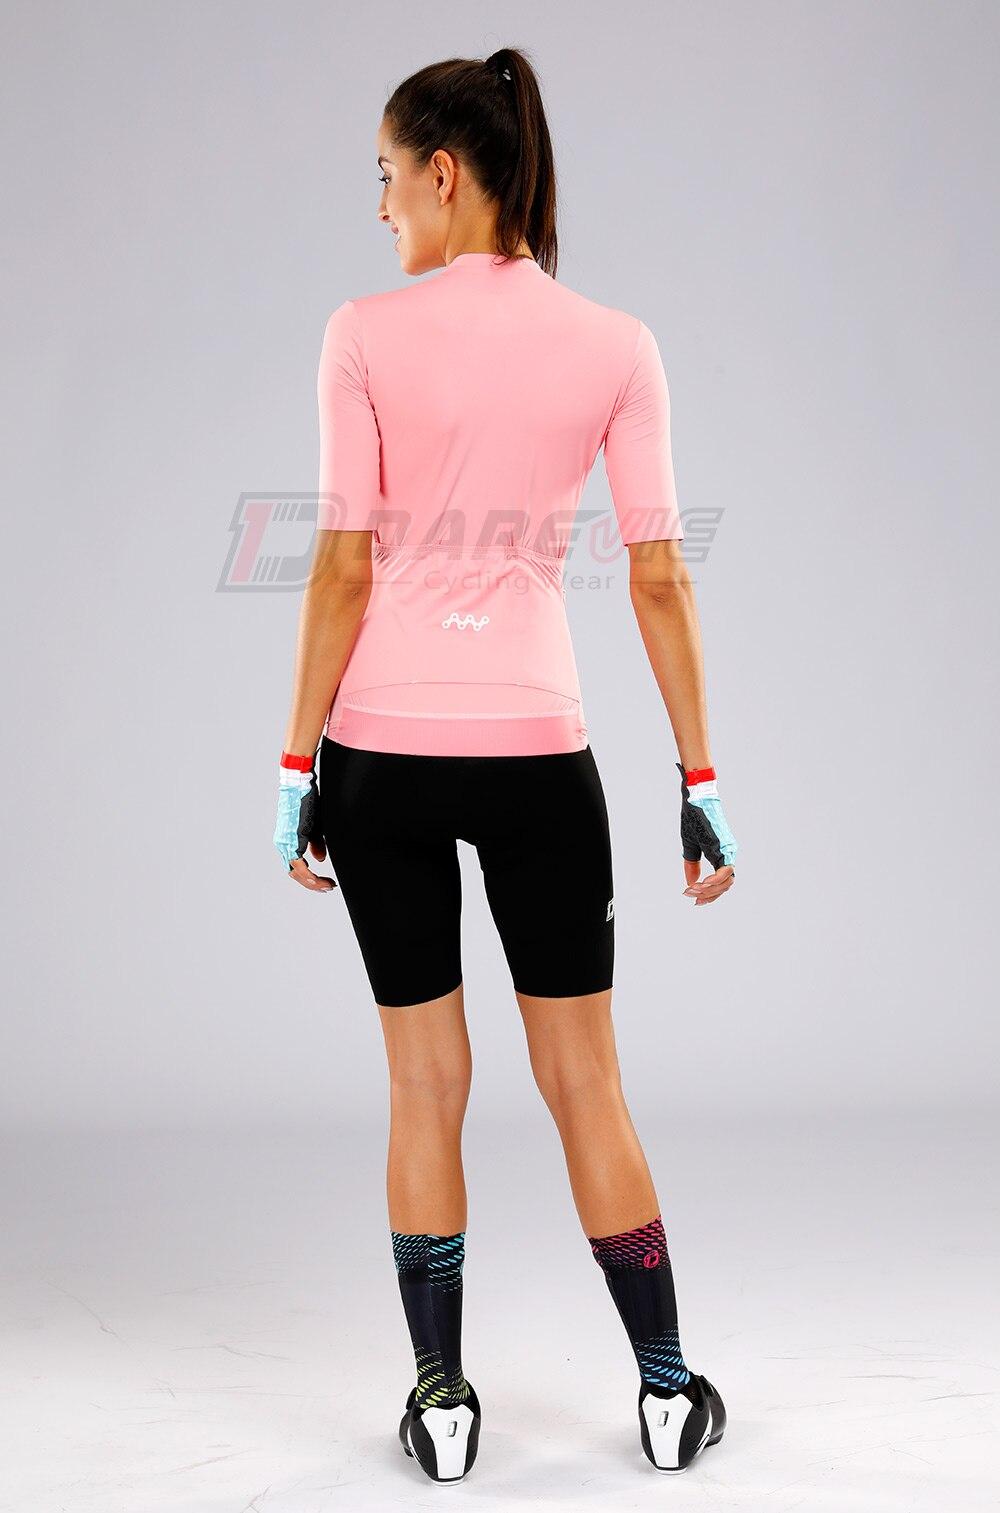 Darevie estrada ciclismo sapatos luz pro ciclismo